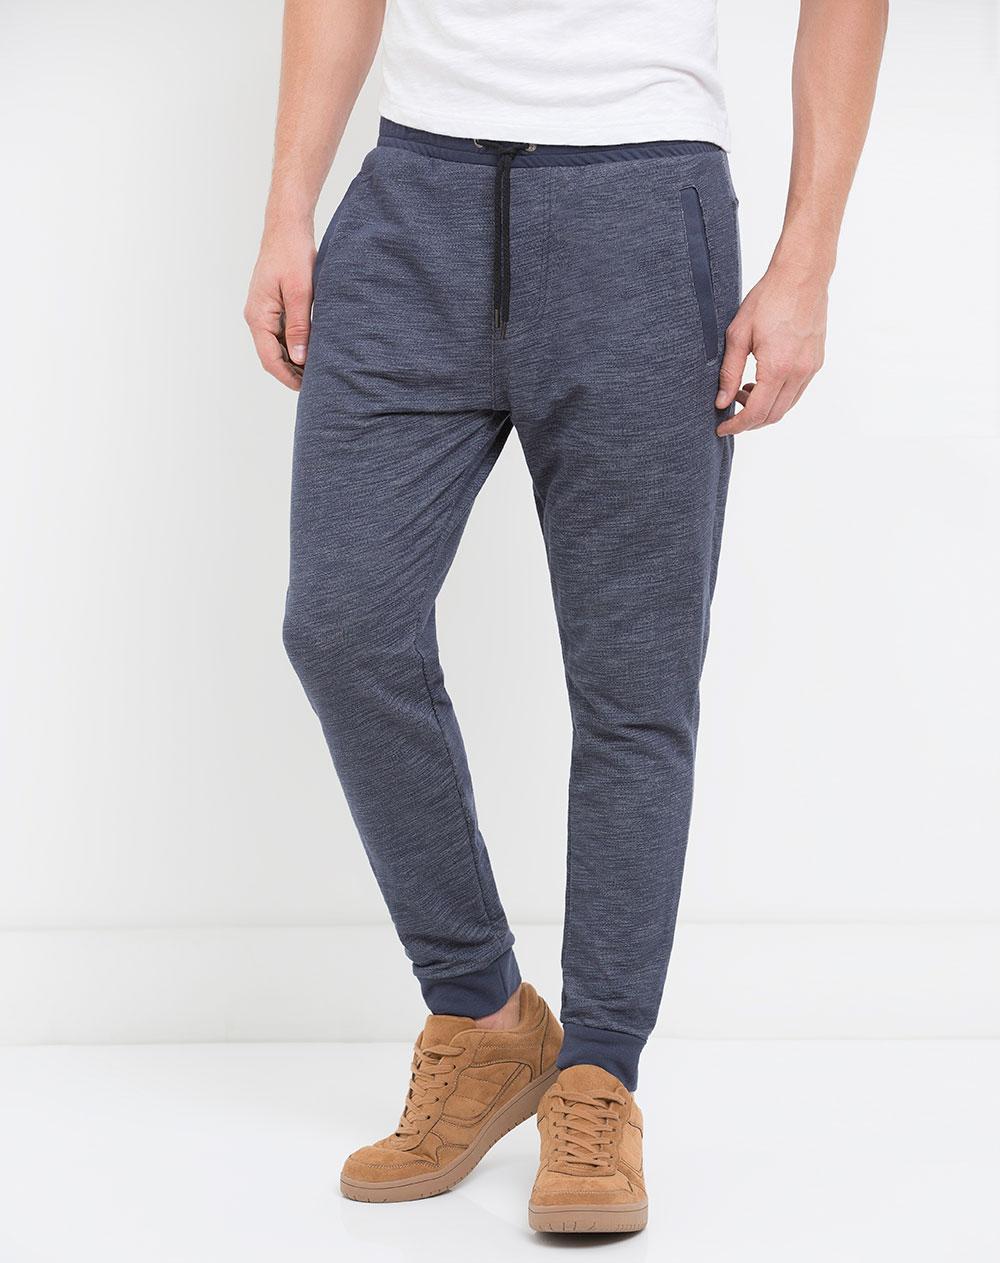 585236d6b1e30 Pantalón Sudadera para Hombre Krosh Azul Gef